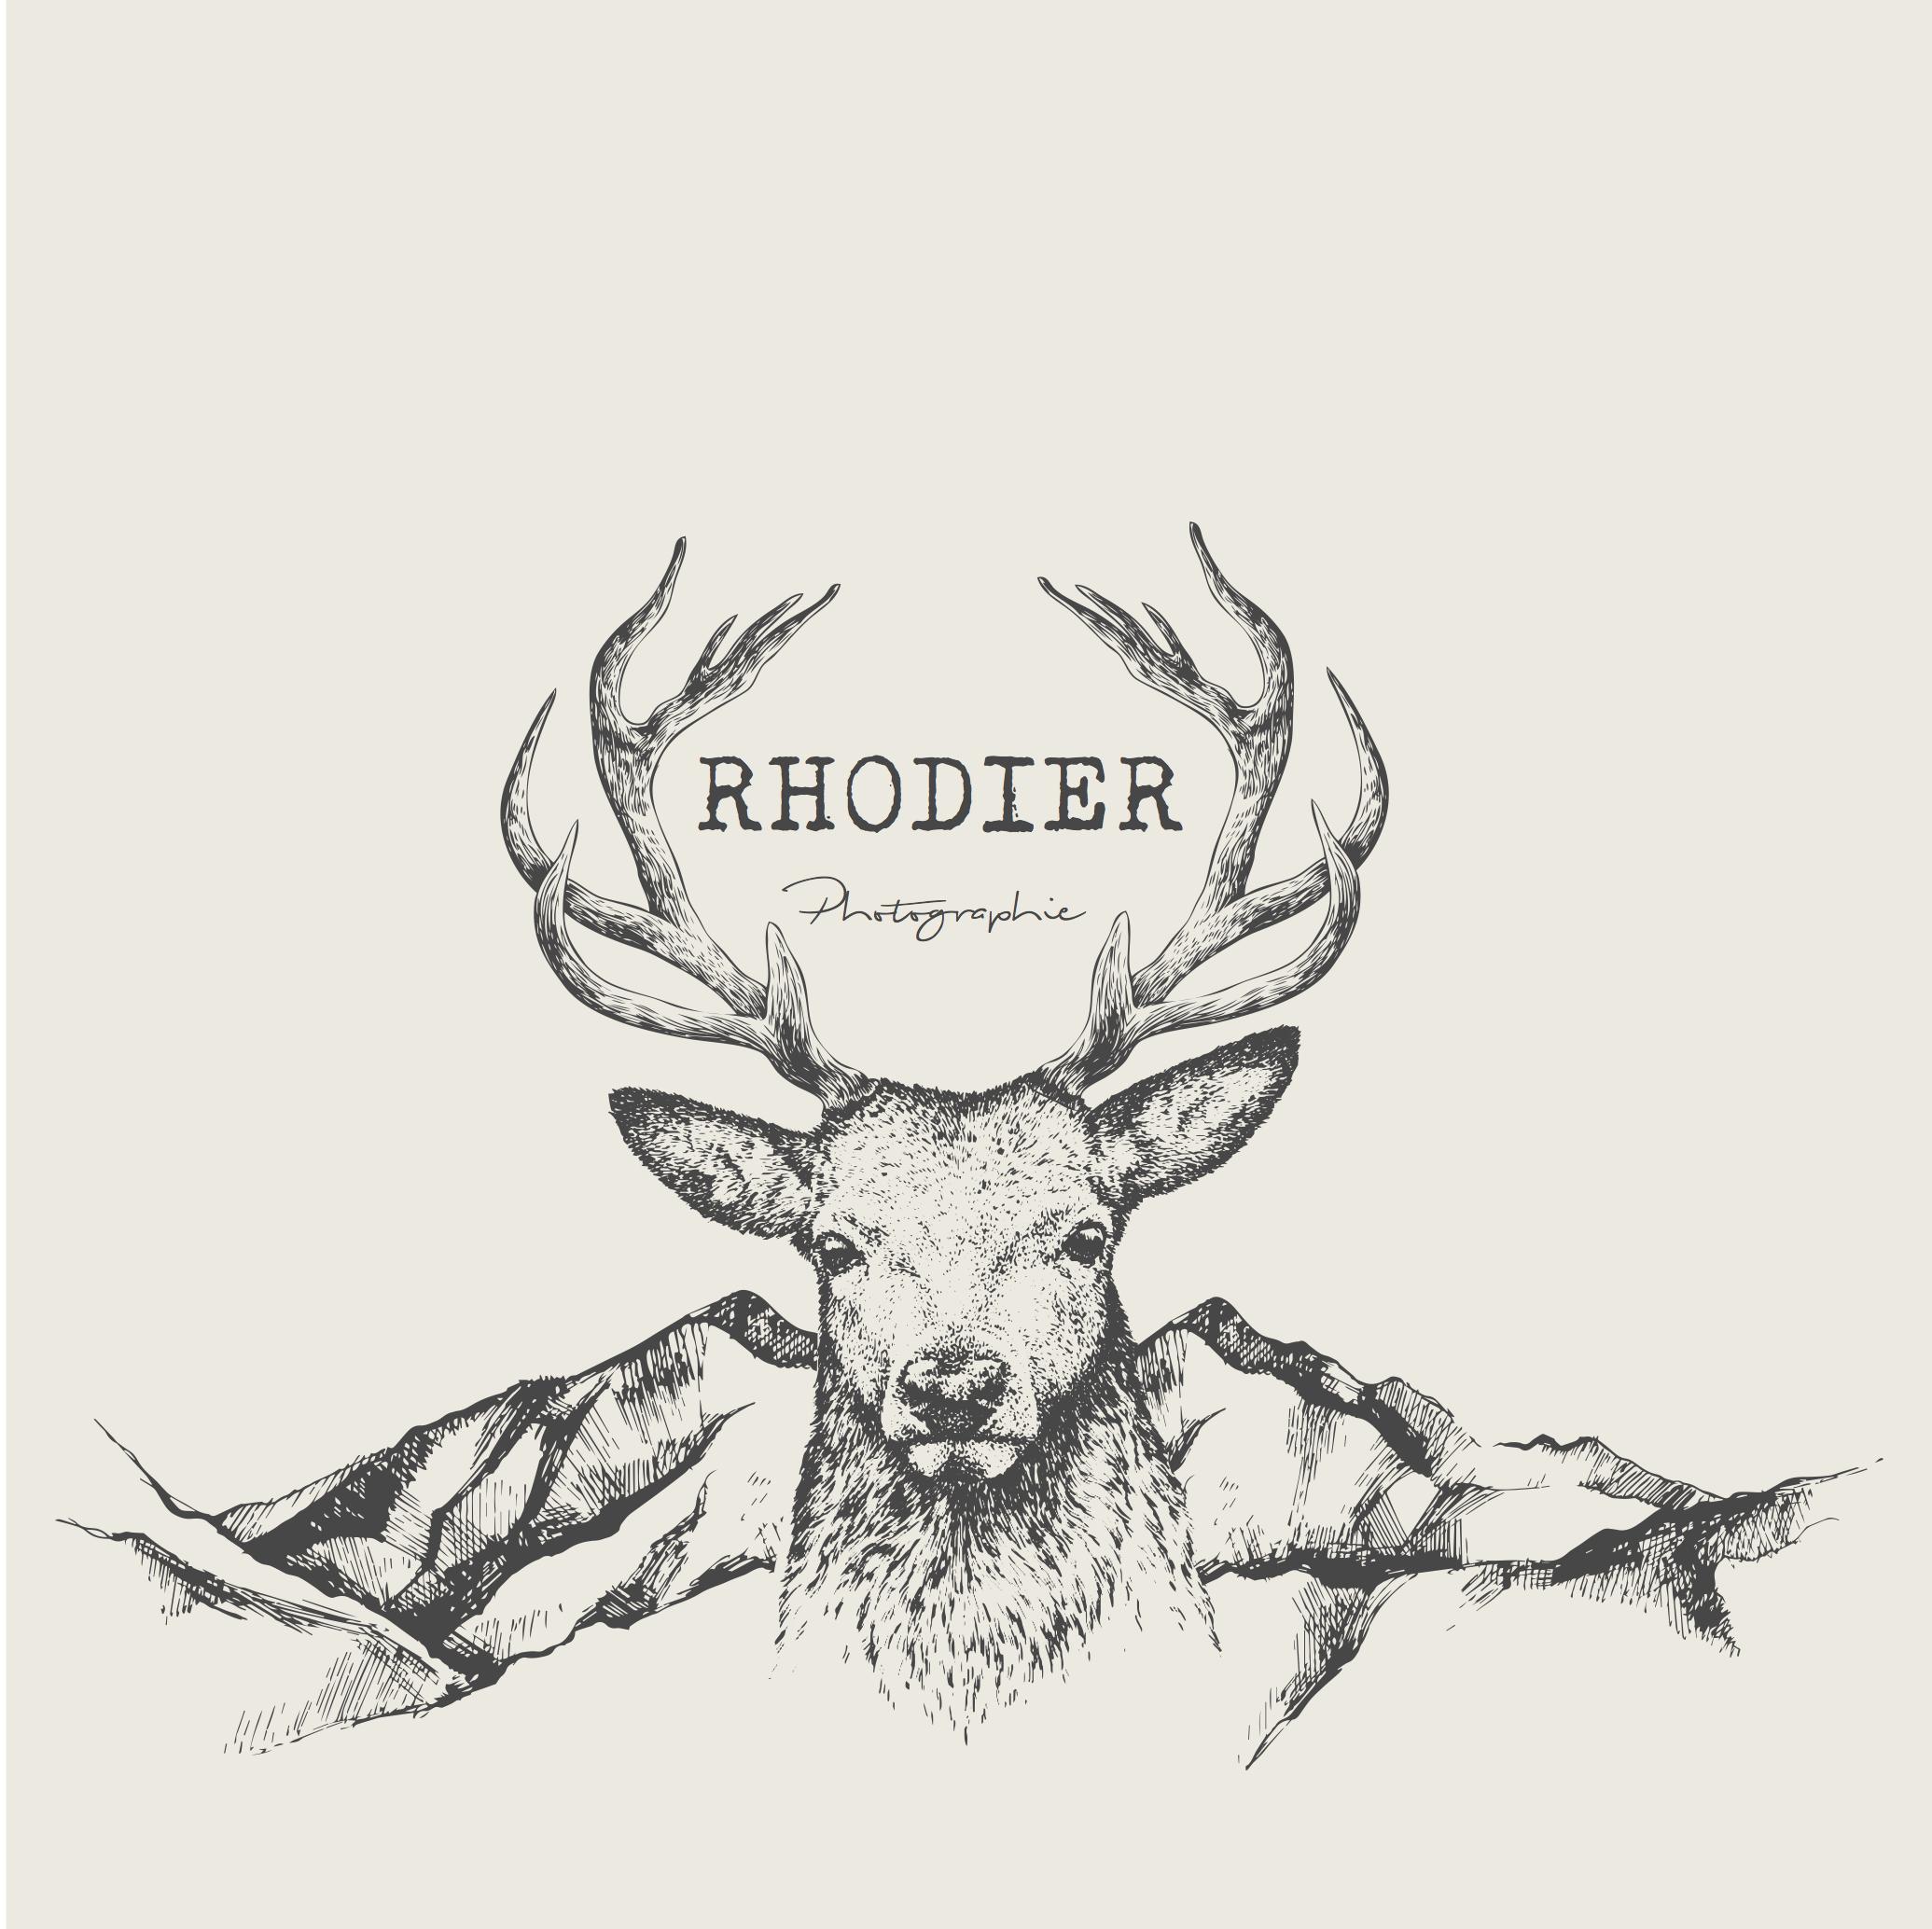 Rhodier Photographie